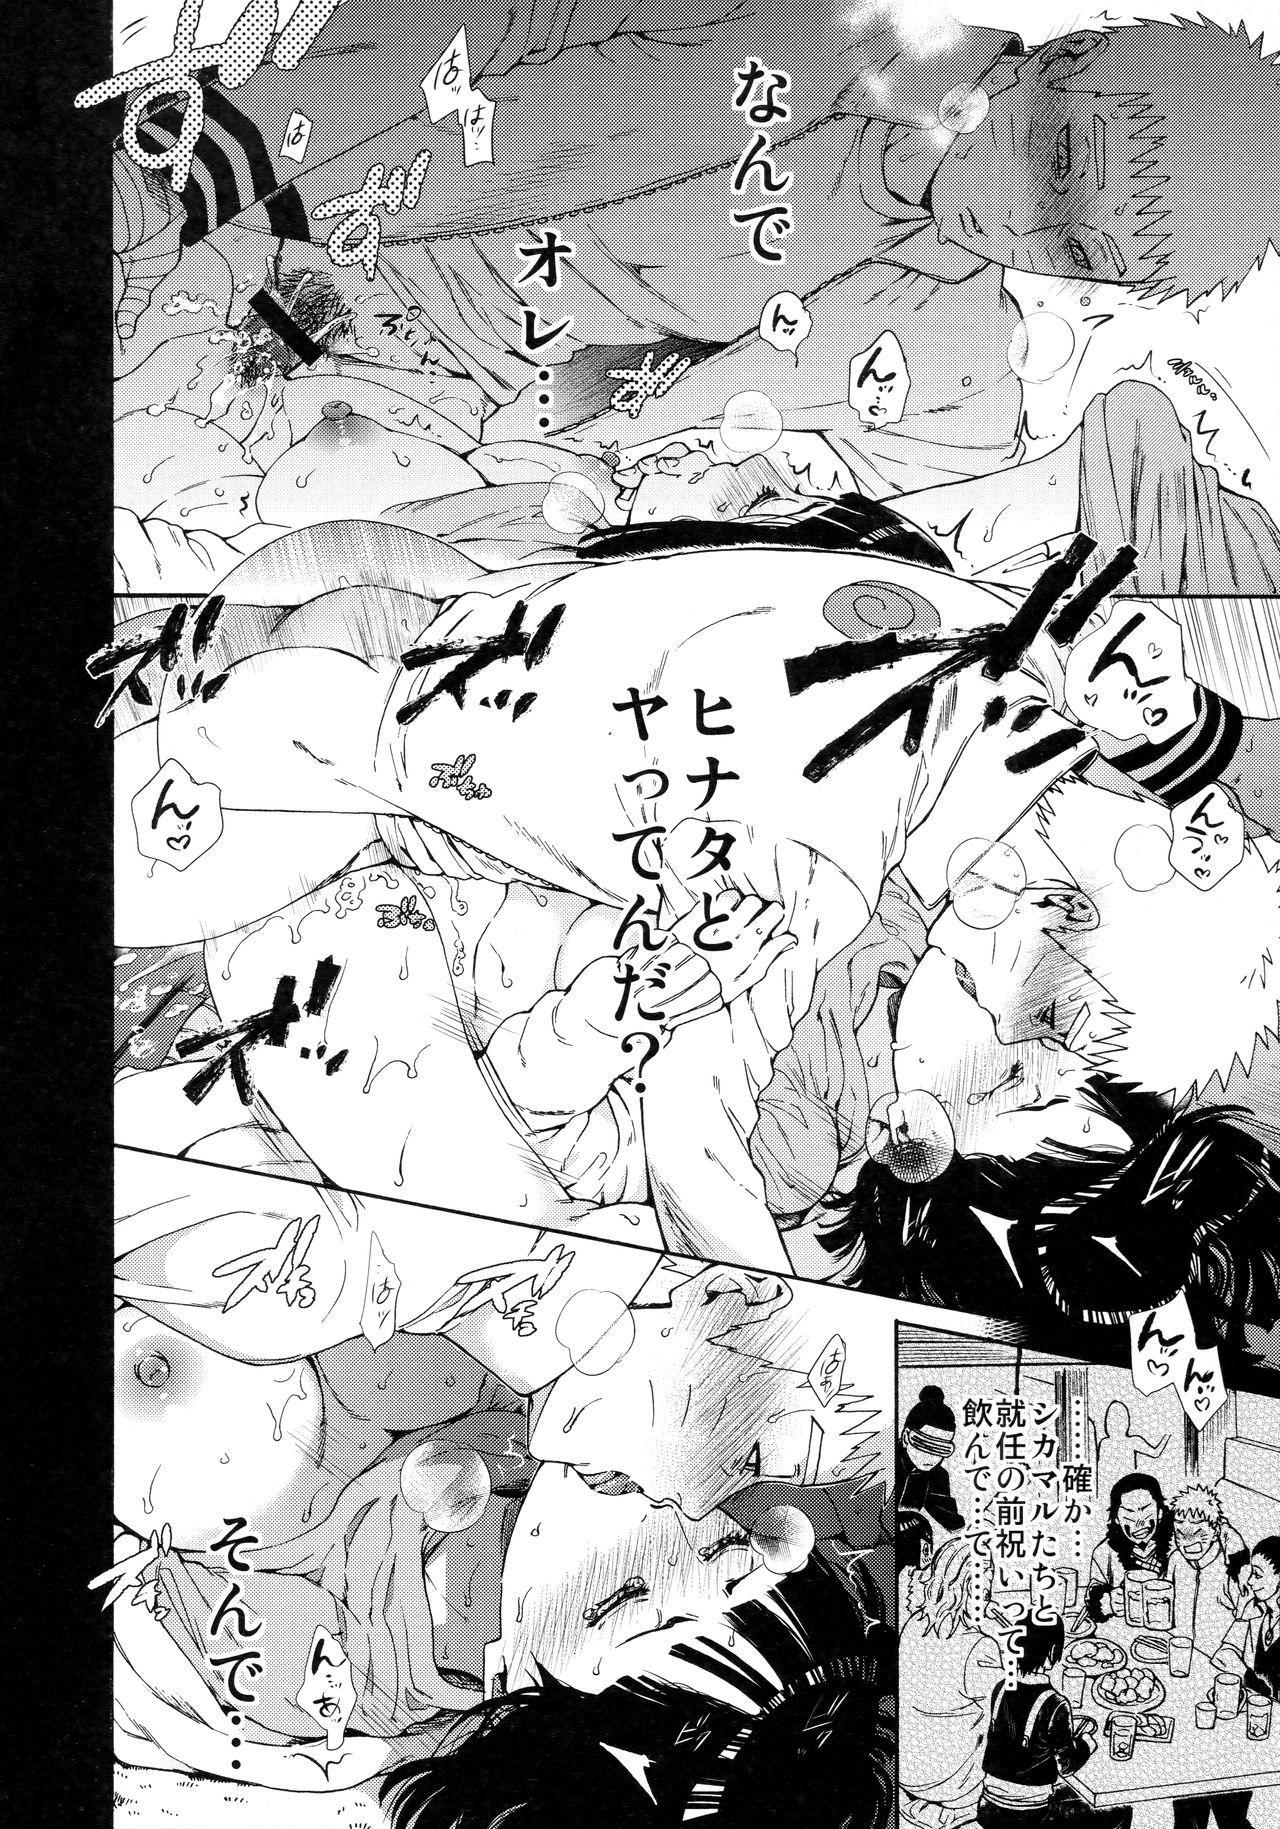 Yoru no Hanashi - Night Story 2